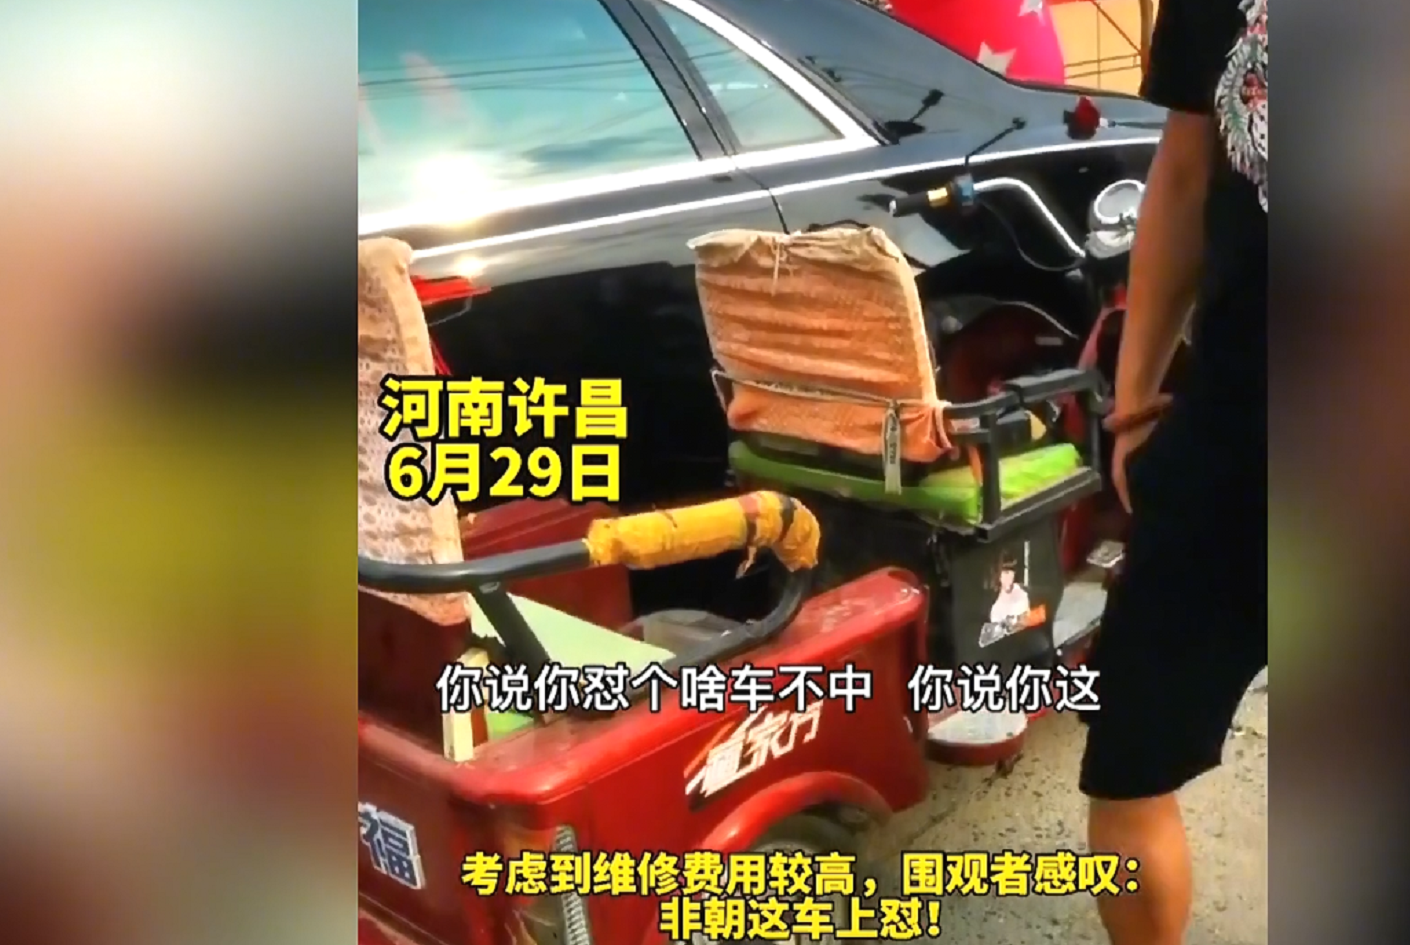 河南一10岁小孩骑三轮车撞上劳斯莱斯,叫来孩子家长,车主:赔3、5万就行